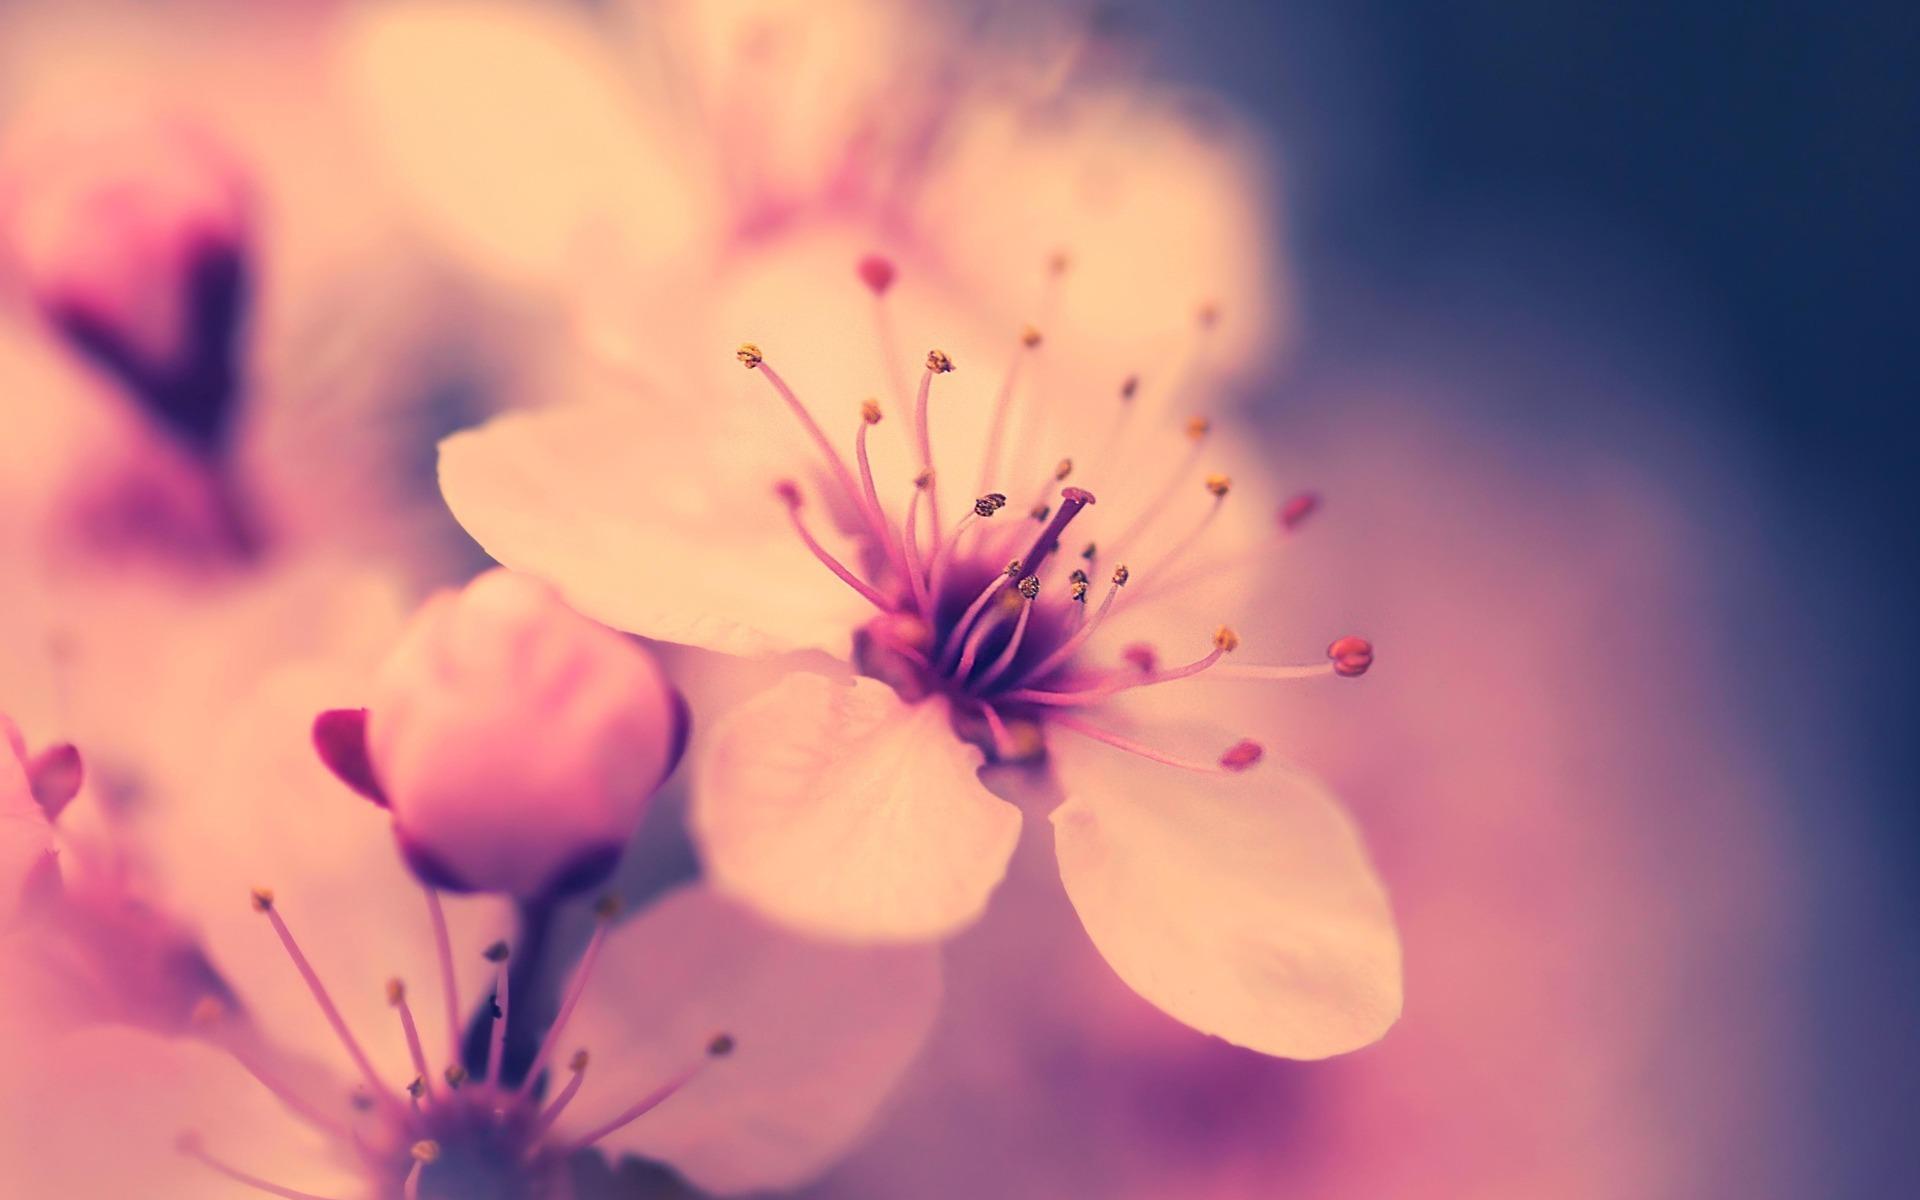 macro wallpaper cherry